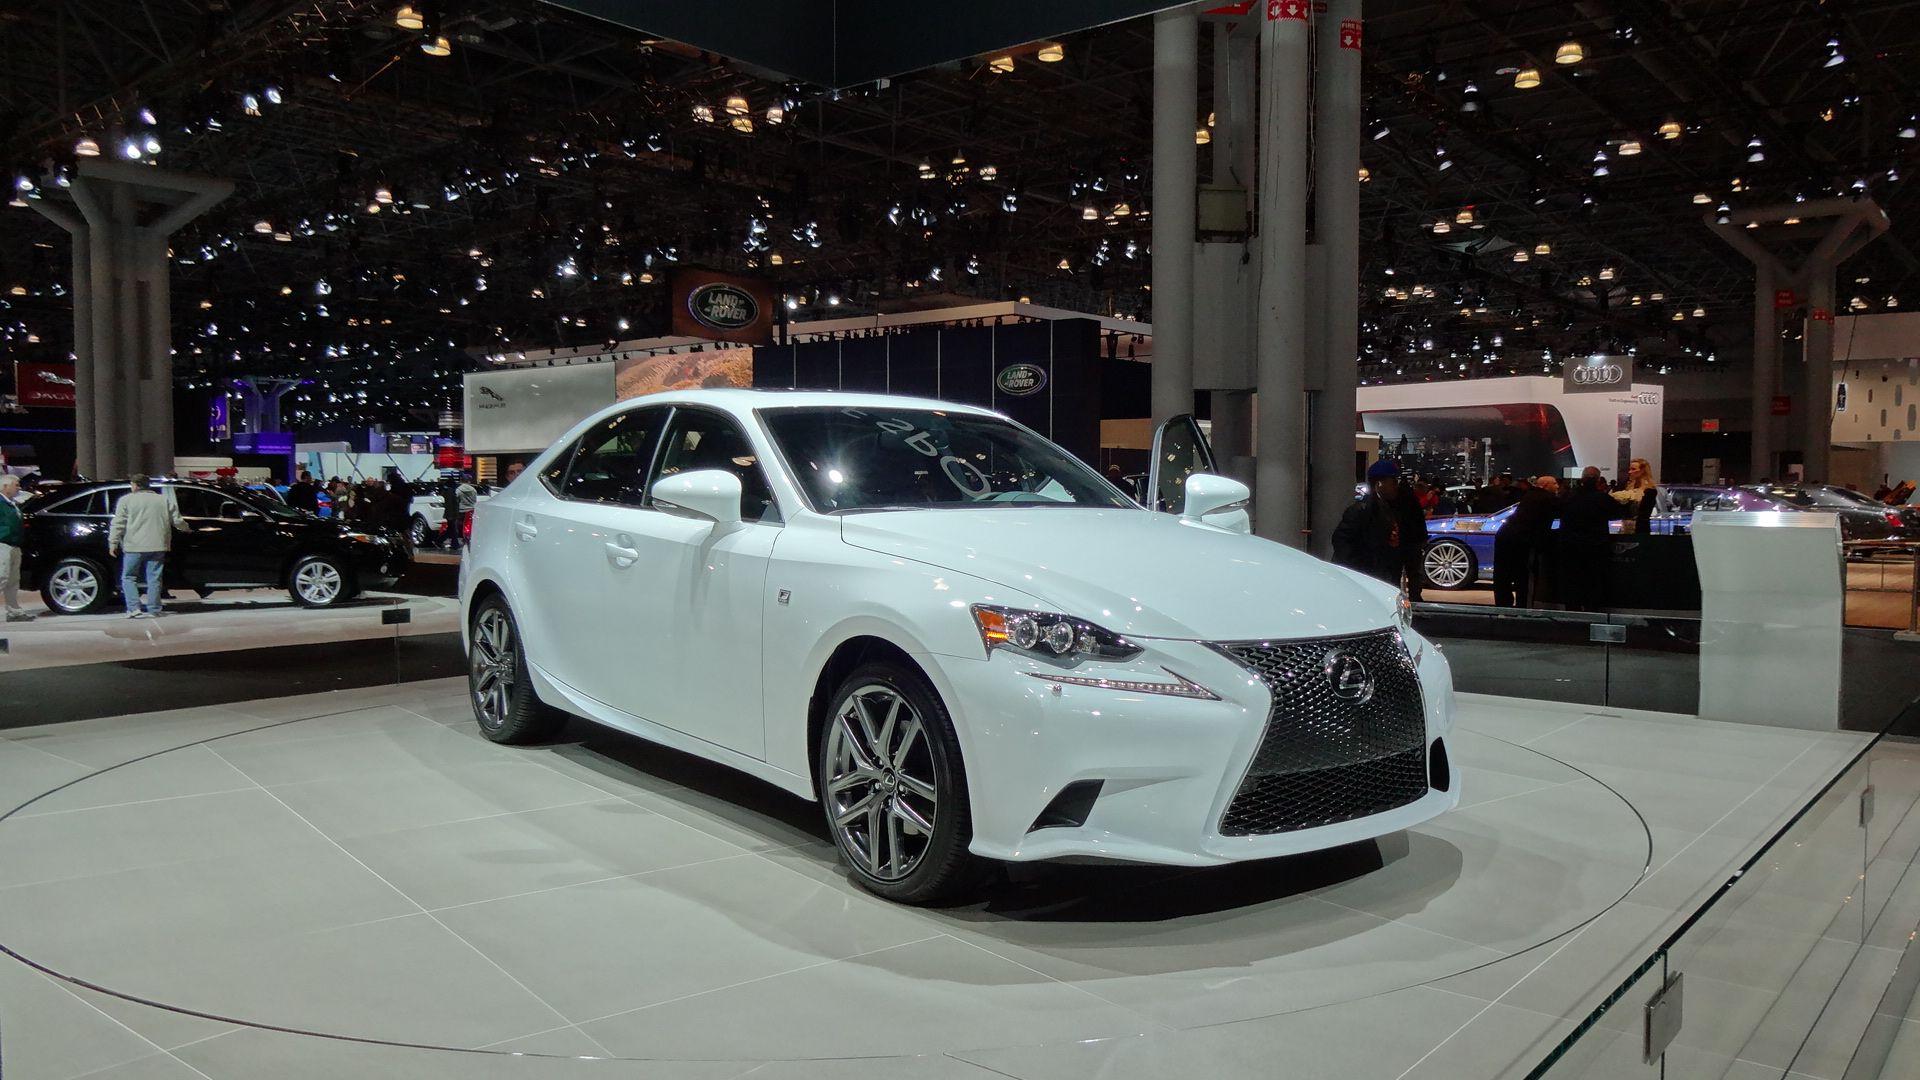 6fcb44ddc678d16703e049534e800058 Great Description About 2012 Lexus Es with Fascinating Images Cars Review